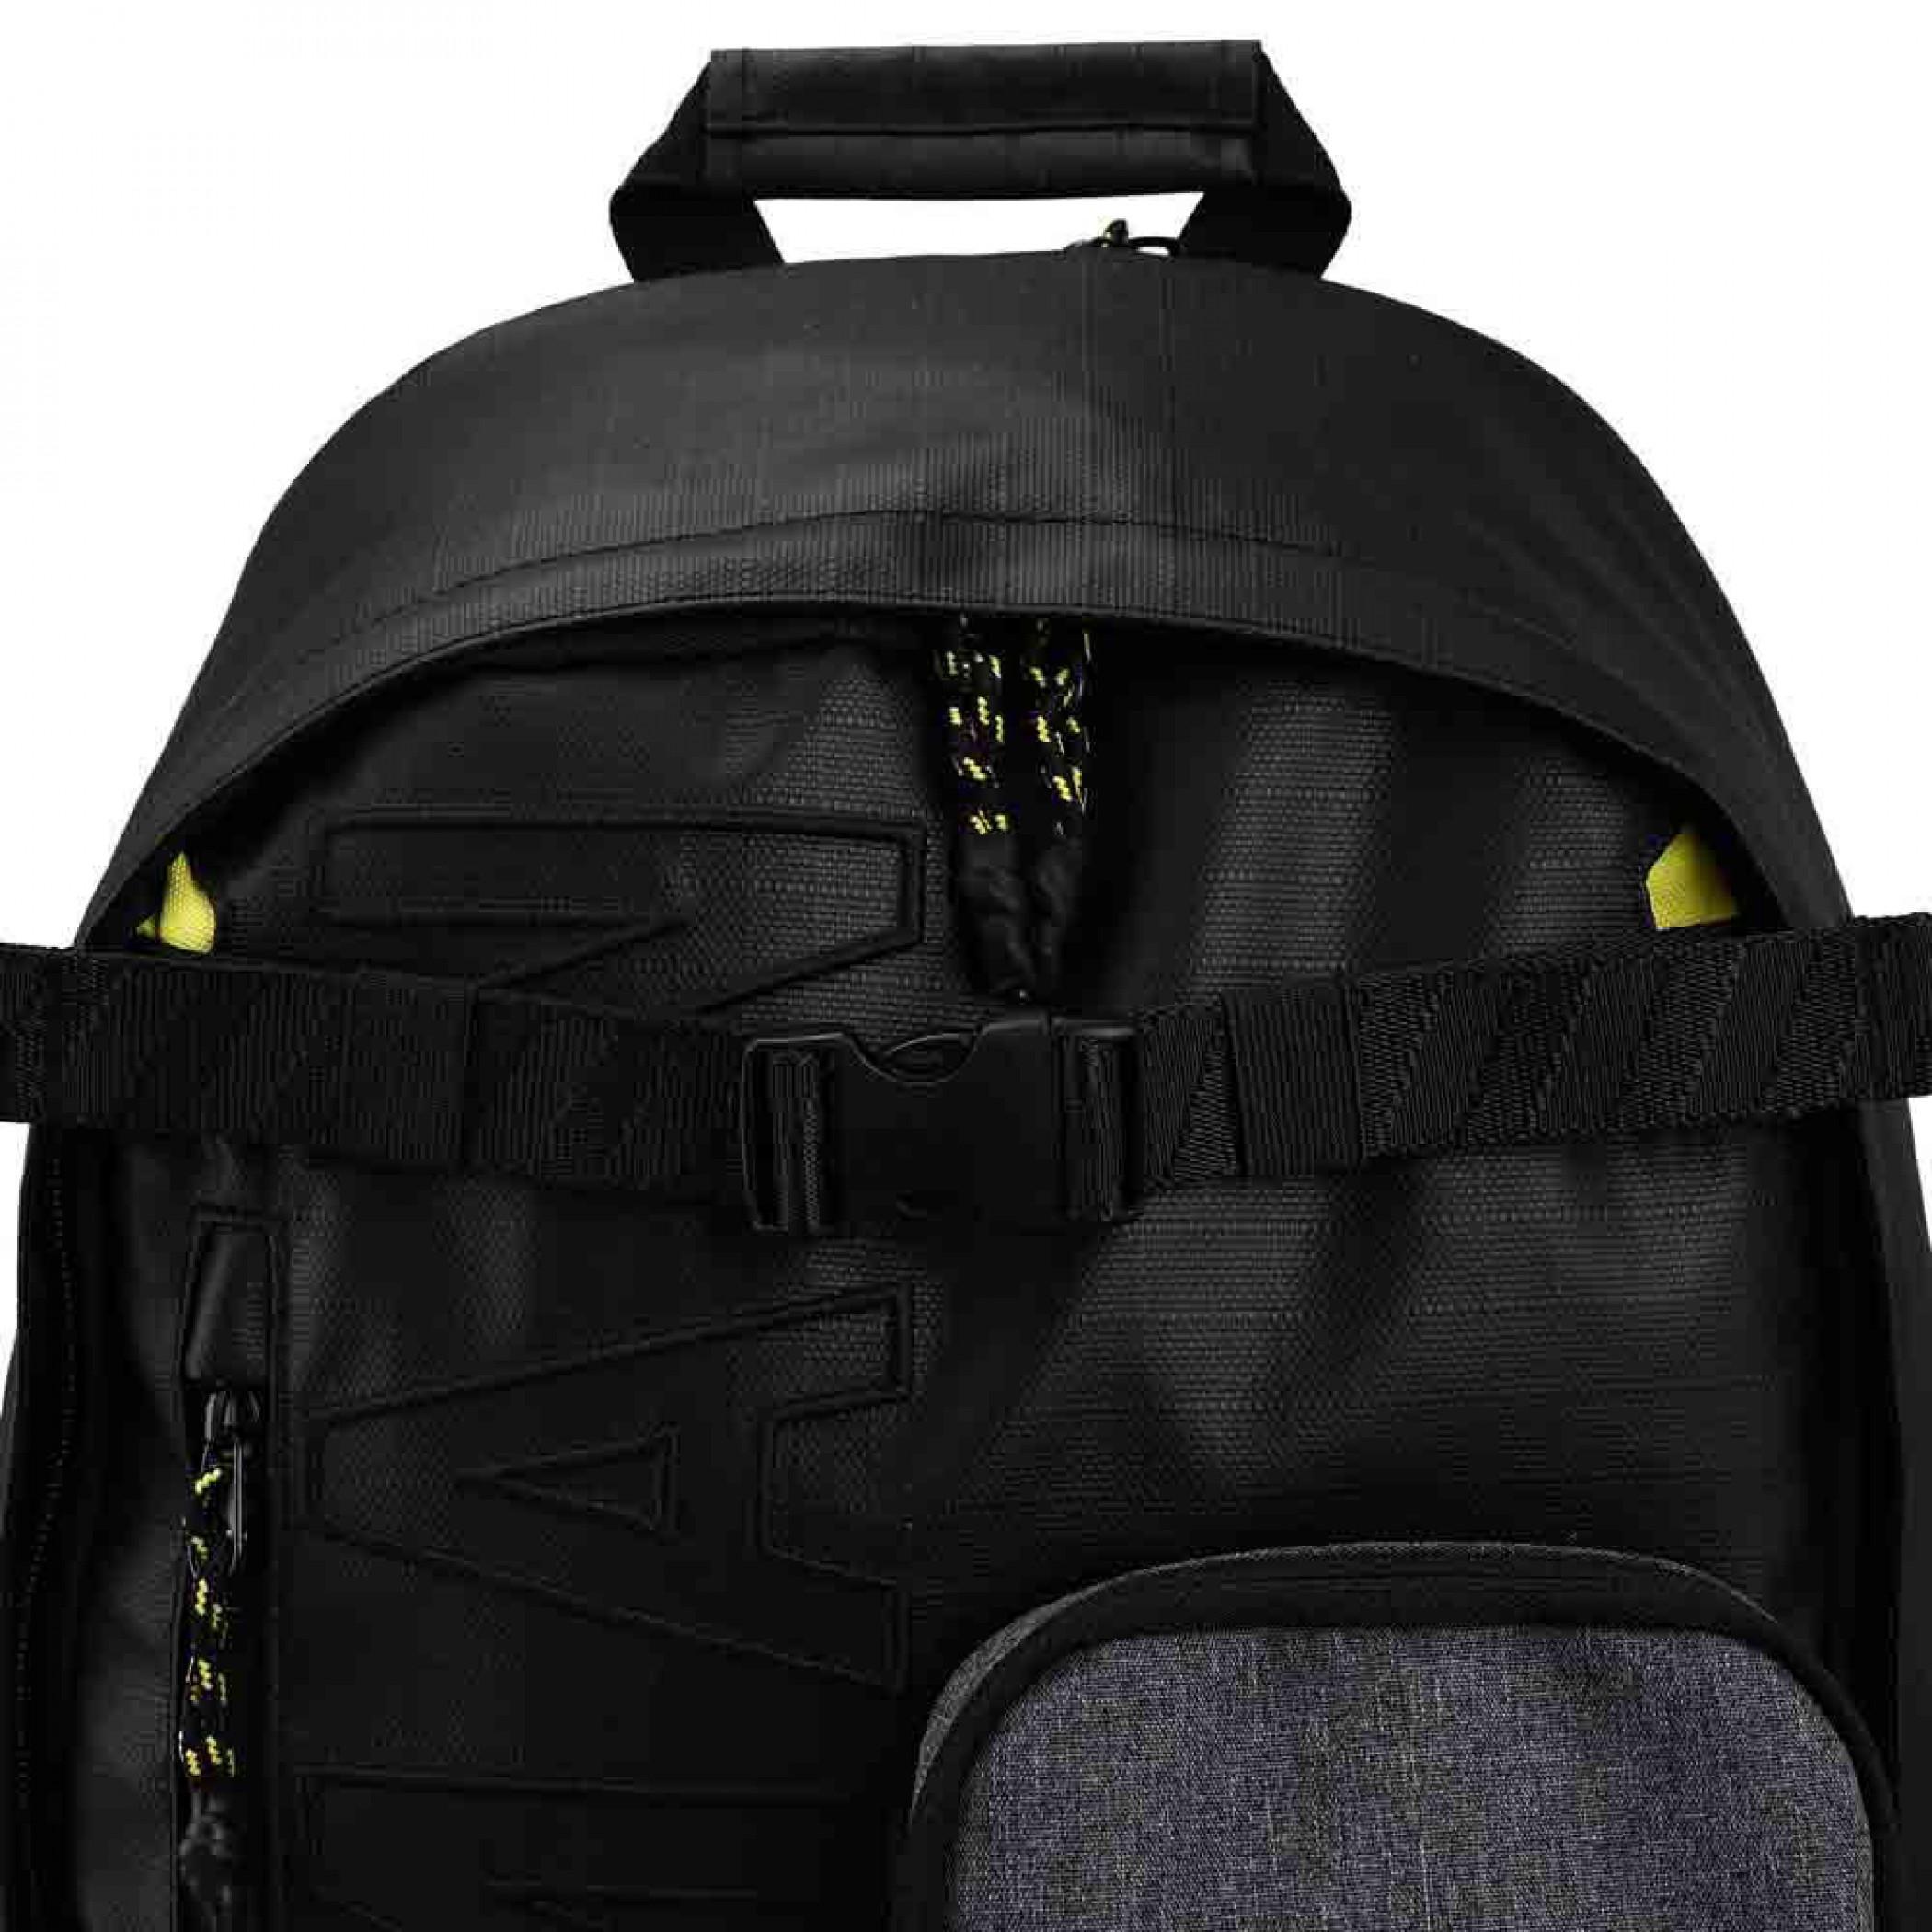 DC Comics Batman Bruce Wayne Detachable Front Pouch Backpack